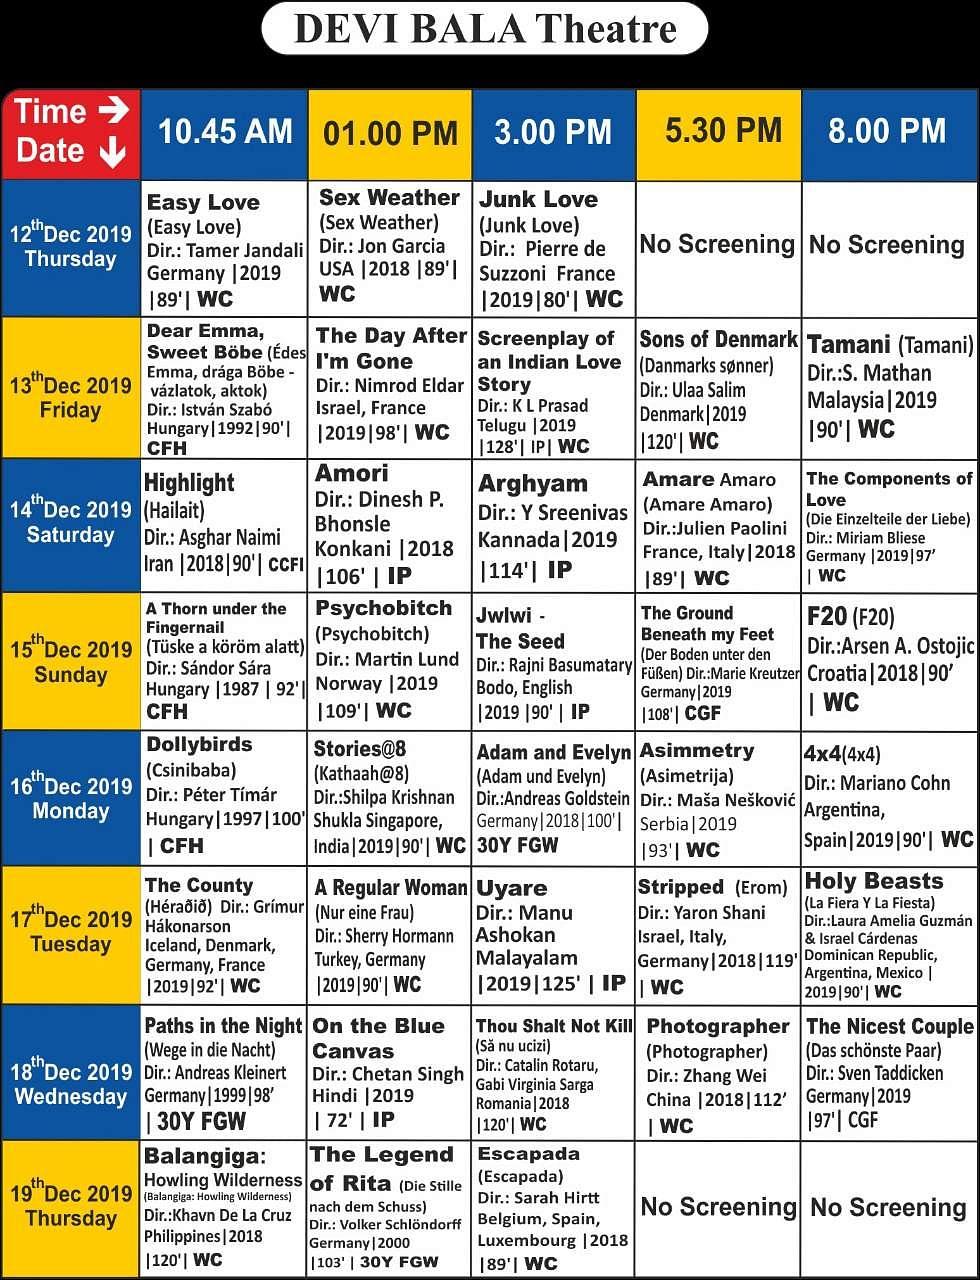 சென்னை சா்வதேச திரைப்பட விழாவில் திரையிடப்படும் படங்கள்: முழுப் பட்டியல்! Devi_bala_Screening_Details_(3)